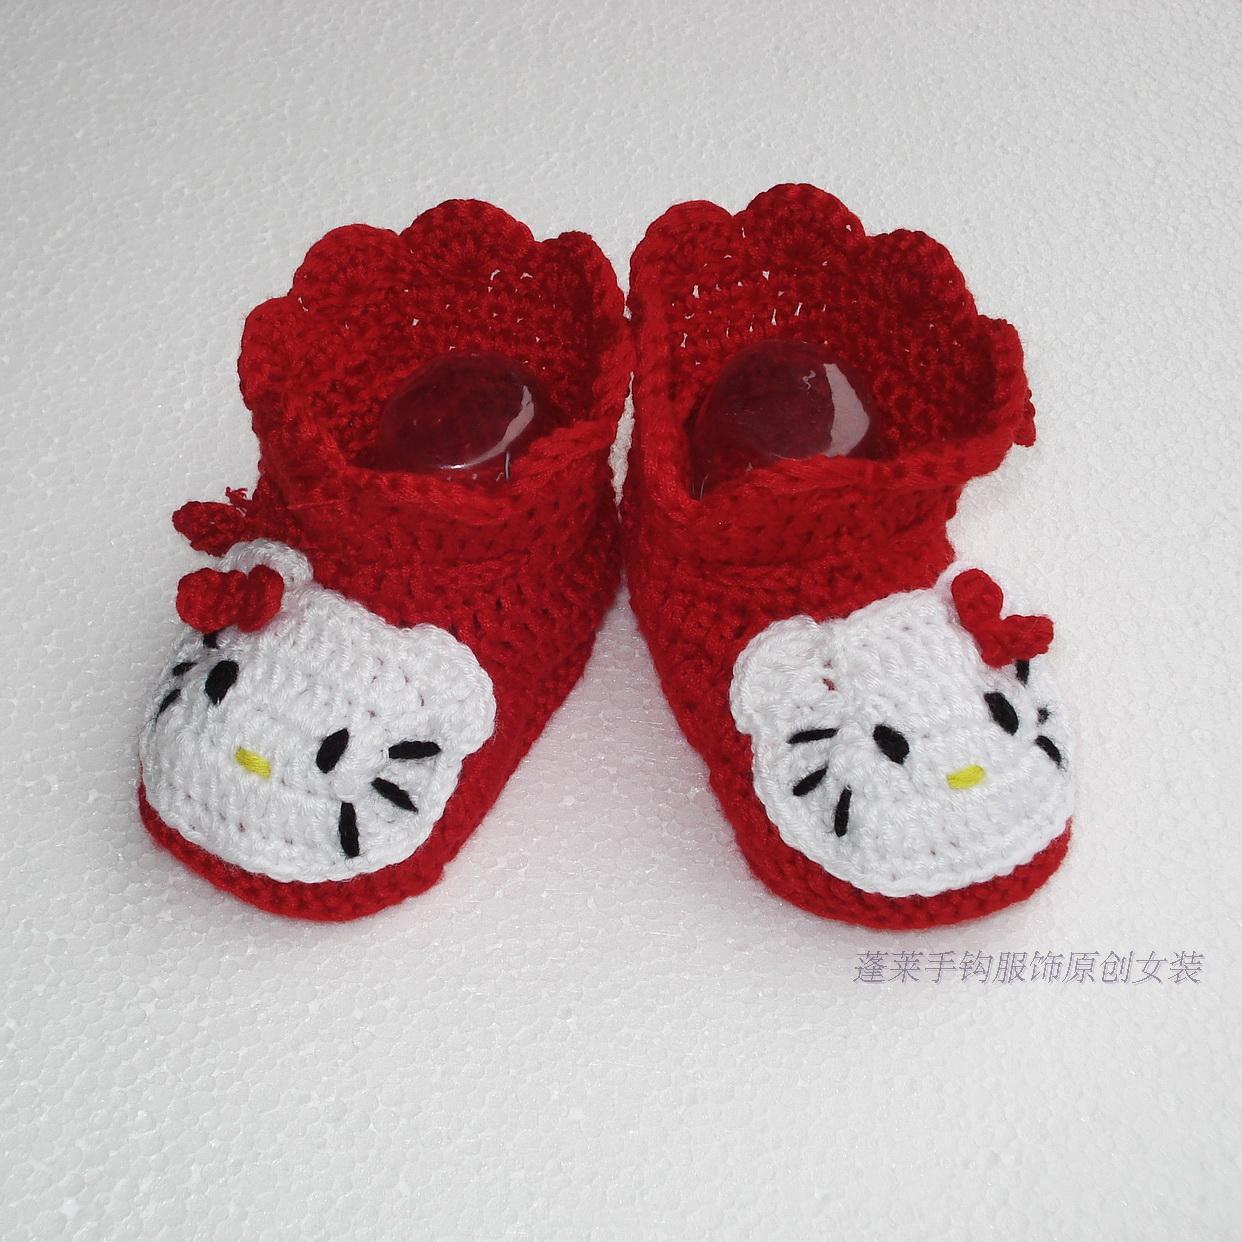 婴儿毛线鞋盒 需要礼盒的亲们可以配鞋子一起拍下送礼最合适 档次高 注明:实物拍摄。本人拍摄水平有限也没有给图片做过任何加工,可能拍摄光线或显示屏不同存在色差问题。此款是本人亲手设计,编织,拍摄很辛苦请不要盗用。 纯手工编织毛线底不添加任何鞋垫 纯毛线钩成里面不加绒 本款需要一针一针的钩成做的过程很慢工序很多采用高级牛奶棉纯手工编织,可以直接接触宝宝的皮肤,不扎、不痒、柔软、漂亮又舒适,有弹性,保暖性很好的哦。请妈妈们放心购买。纯手工毛线鞋织一双要四五个多小时,费时费力,没有多大利润,就是赚点辛